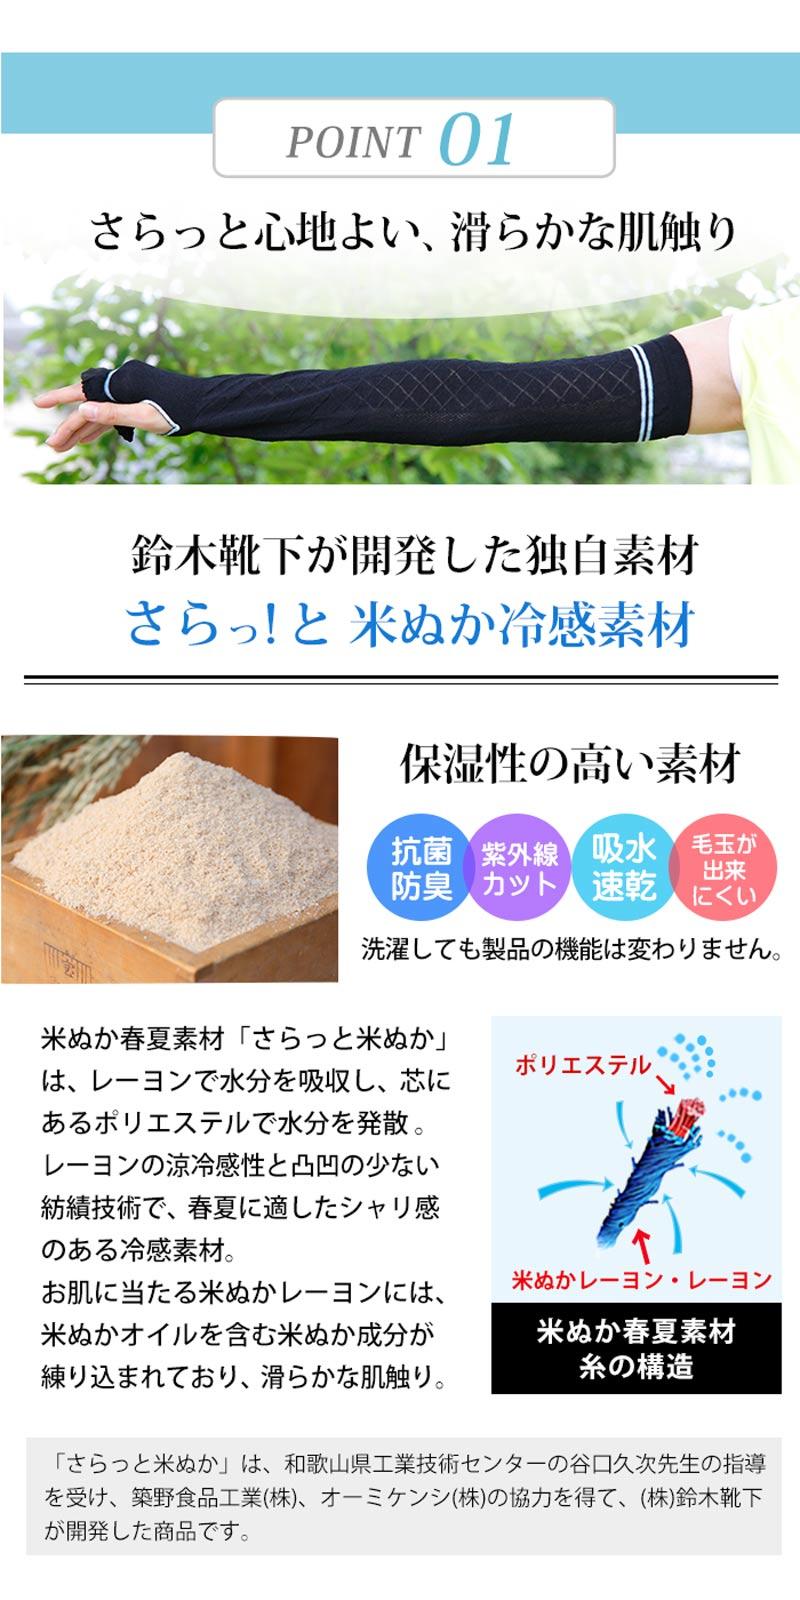 米ぬかアームカバーは、さらっと爽やかな着用感。アームカバーが苦手な方にもおすすめ。